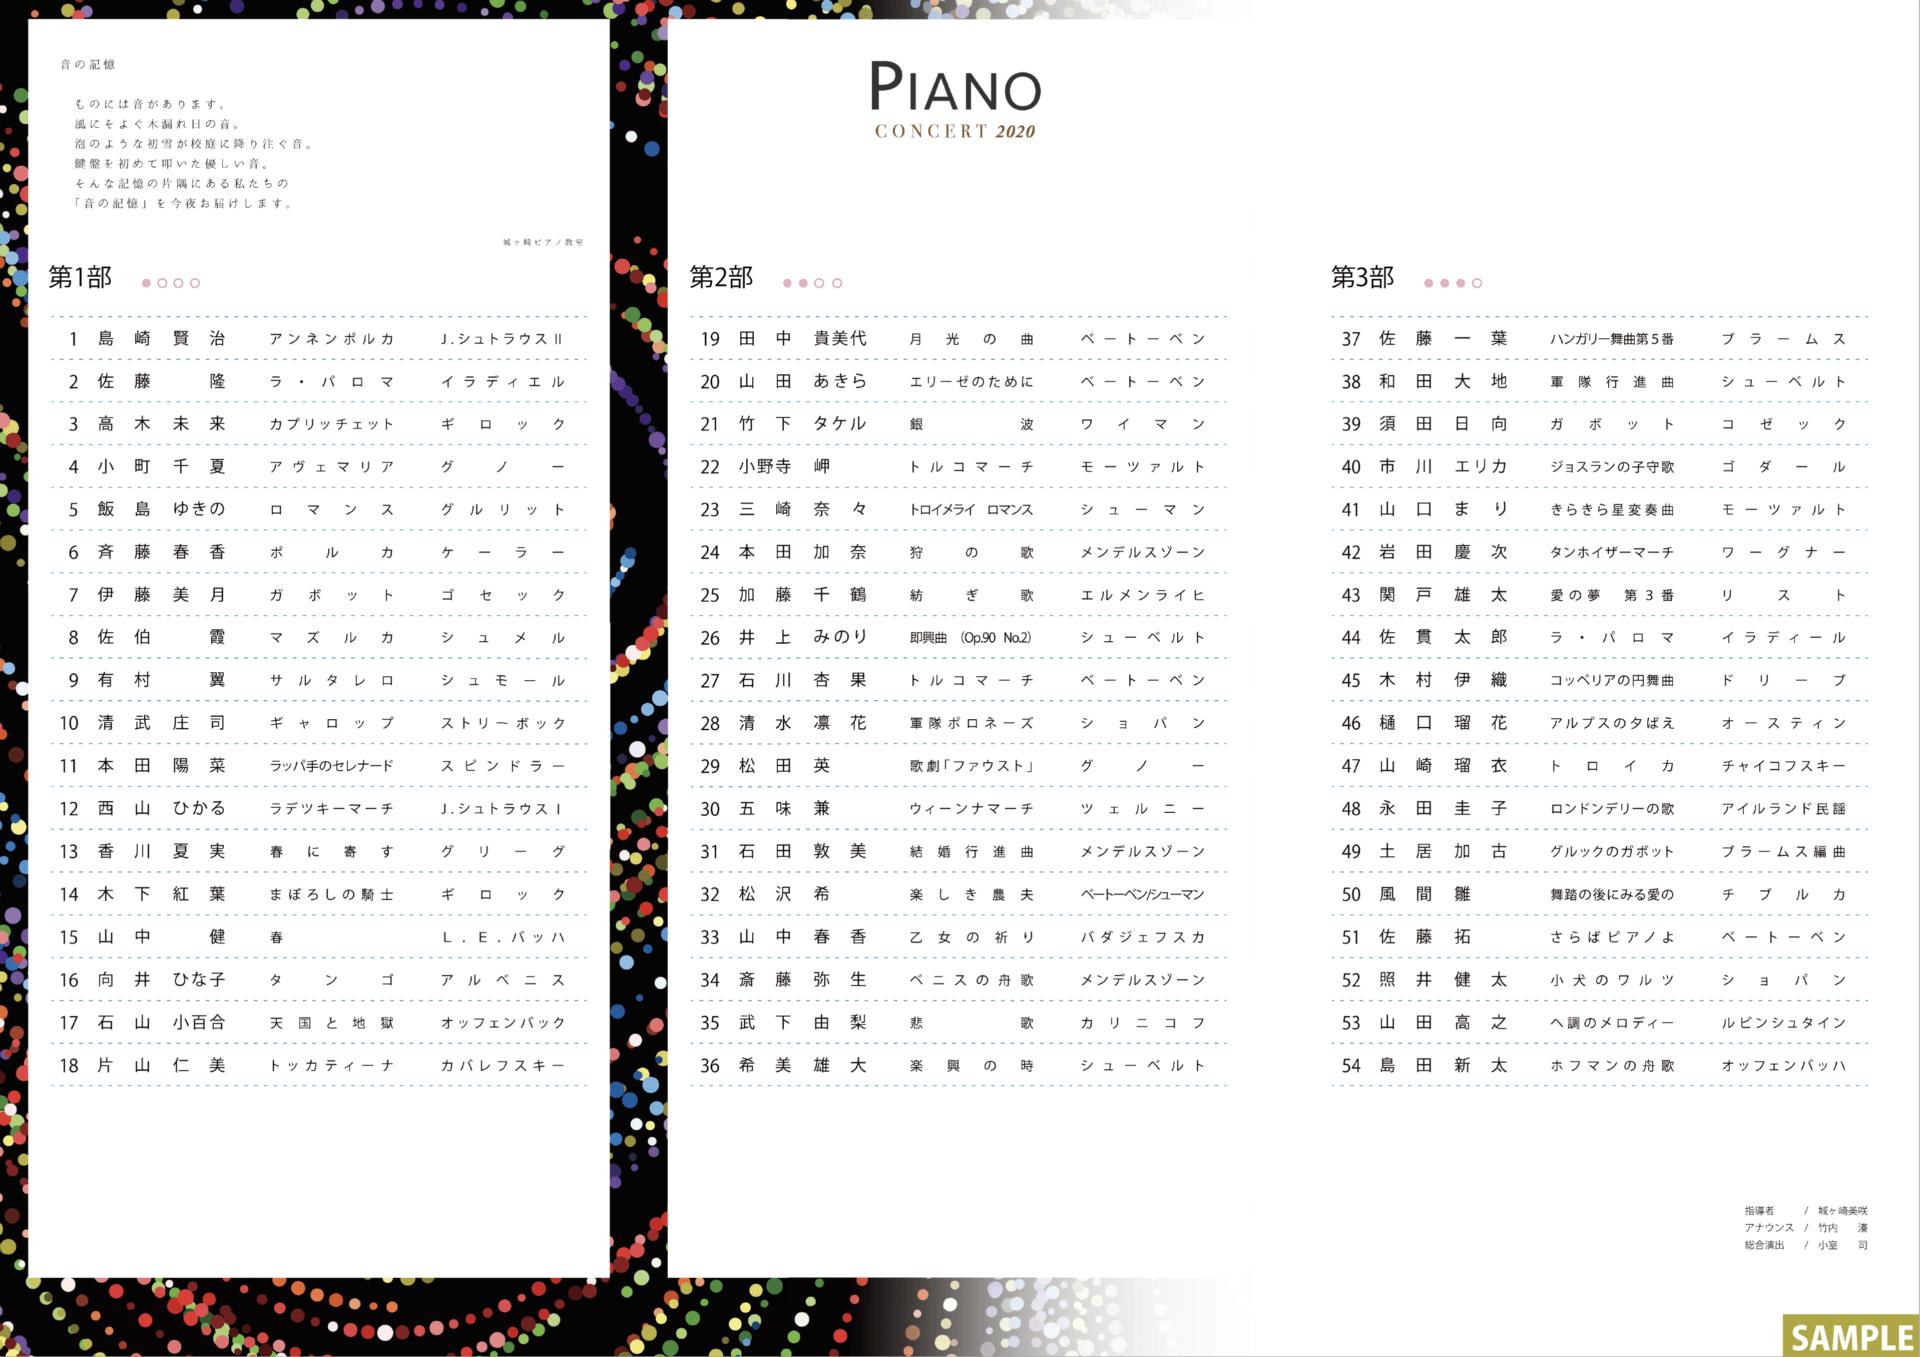 デザインテンプレートピアノ発表会プログラム作成印刷